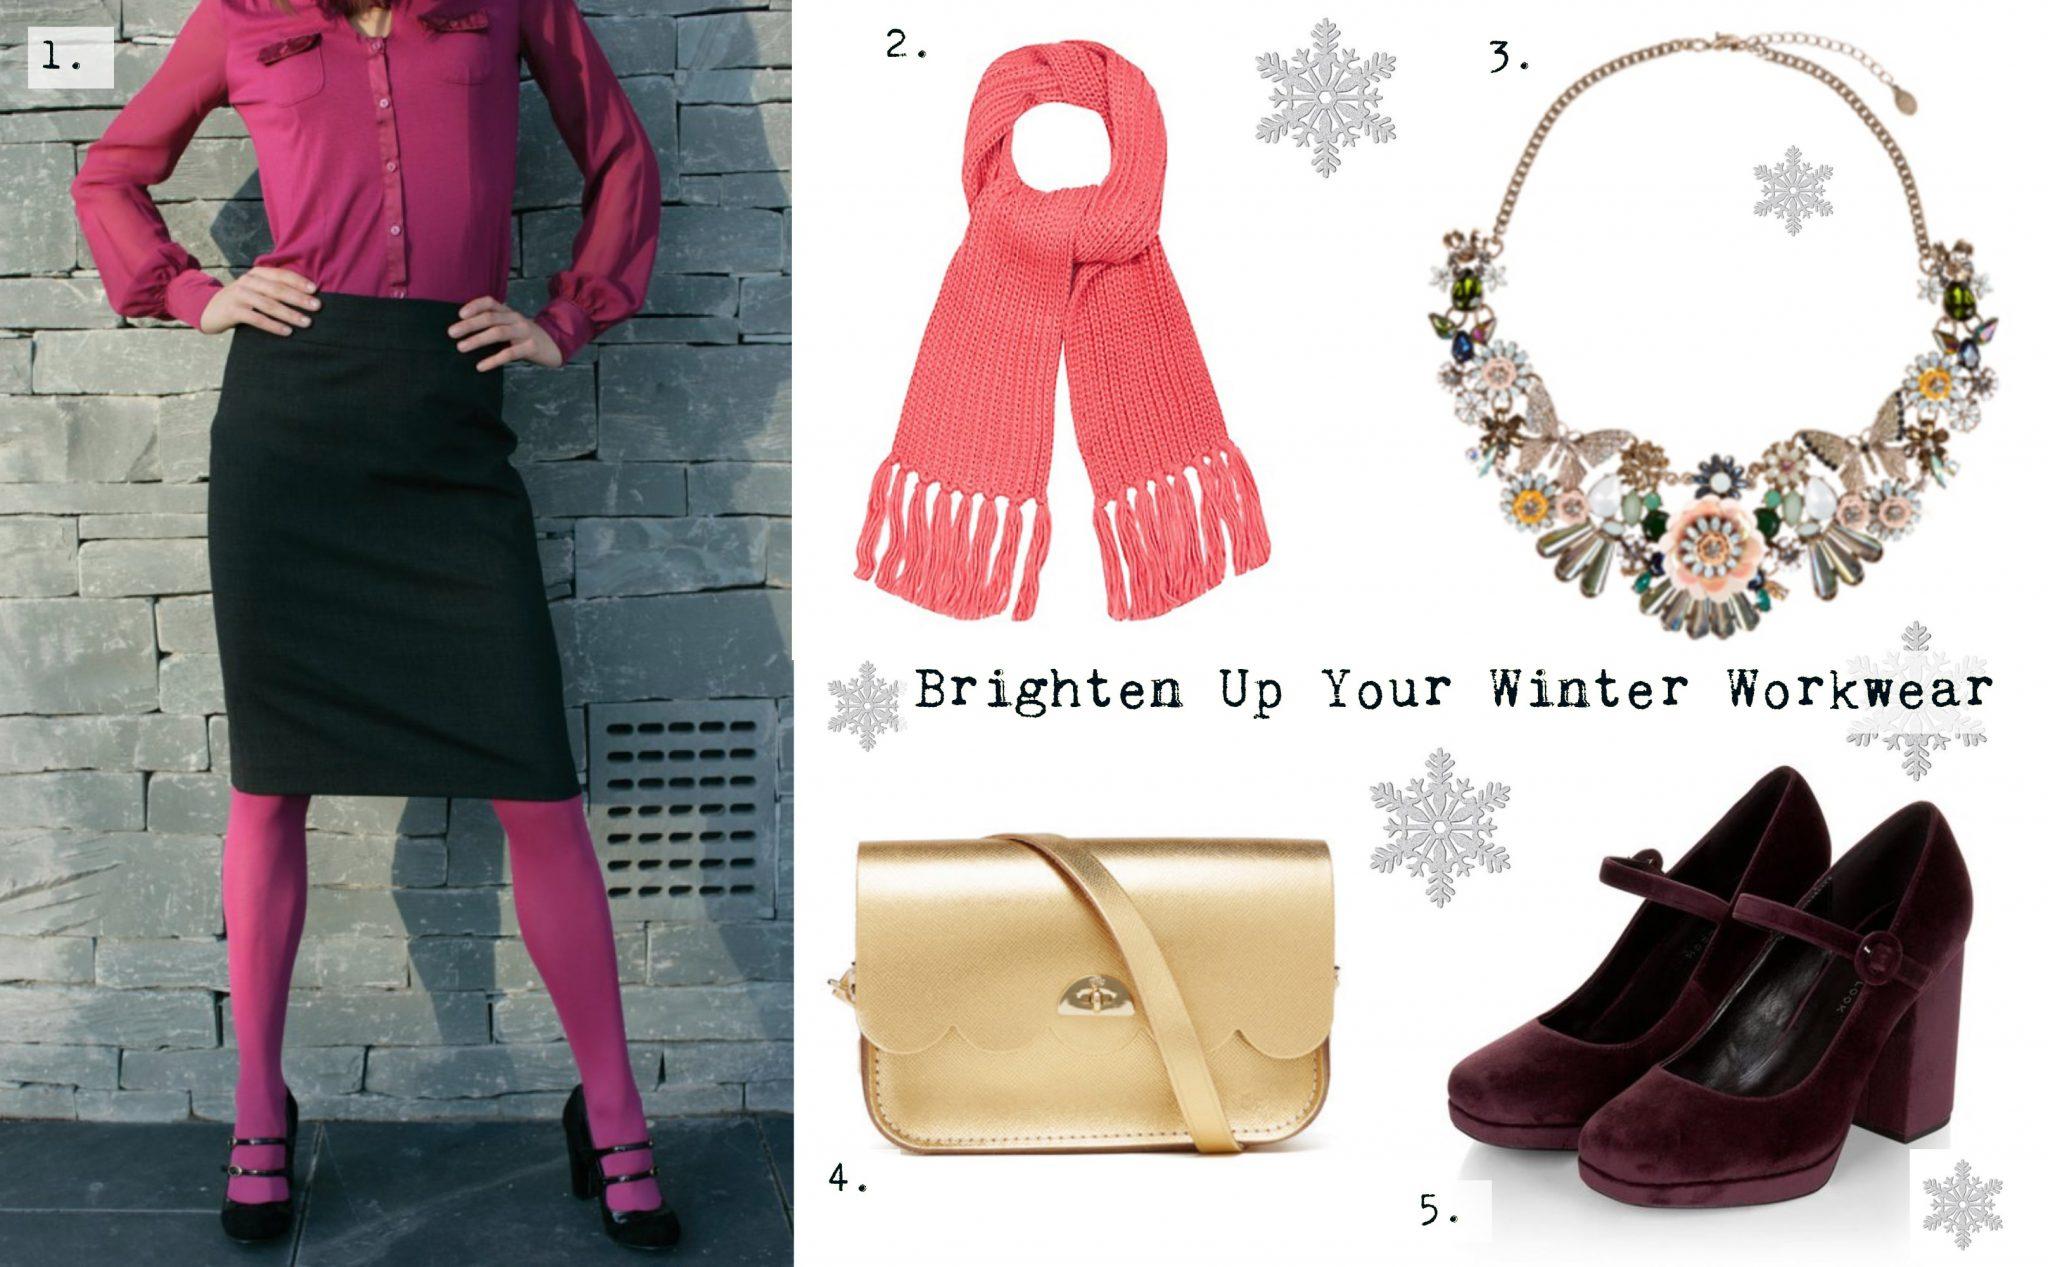 Brighten up Your Workwear